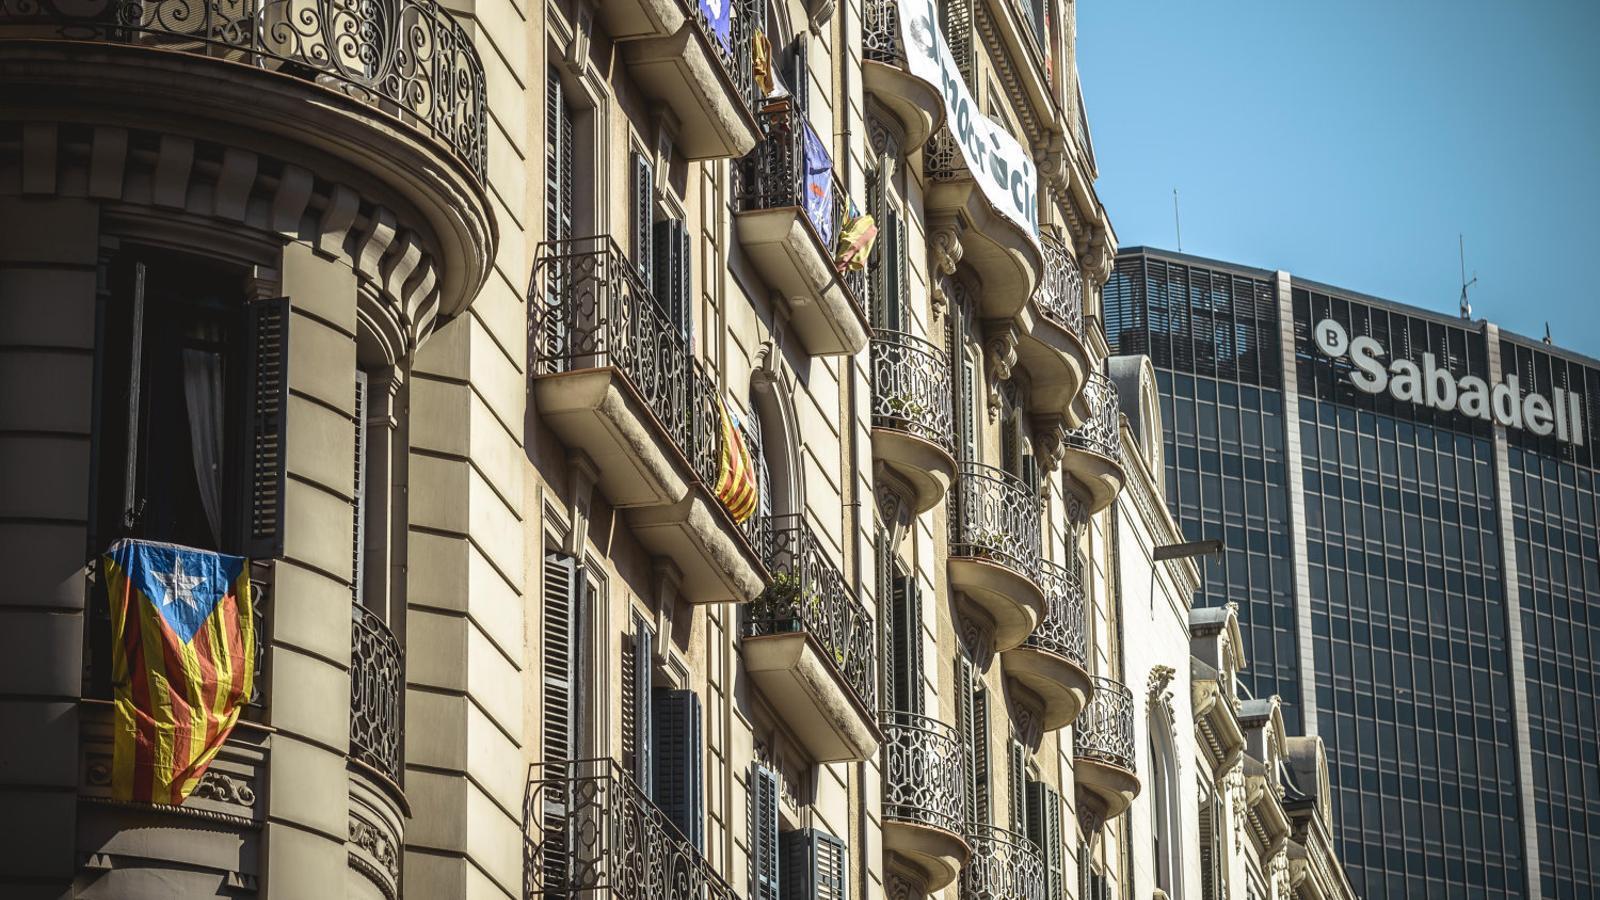 La fuga d'empreses que va ser alimentada per un decret de Rajoy